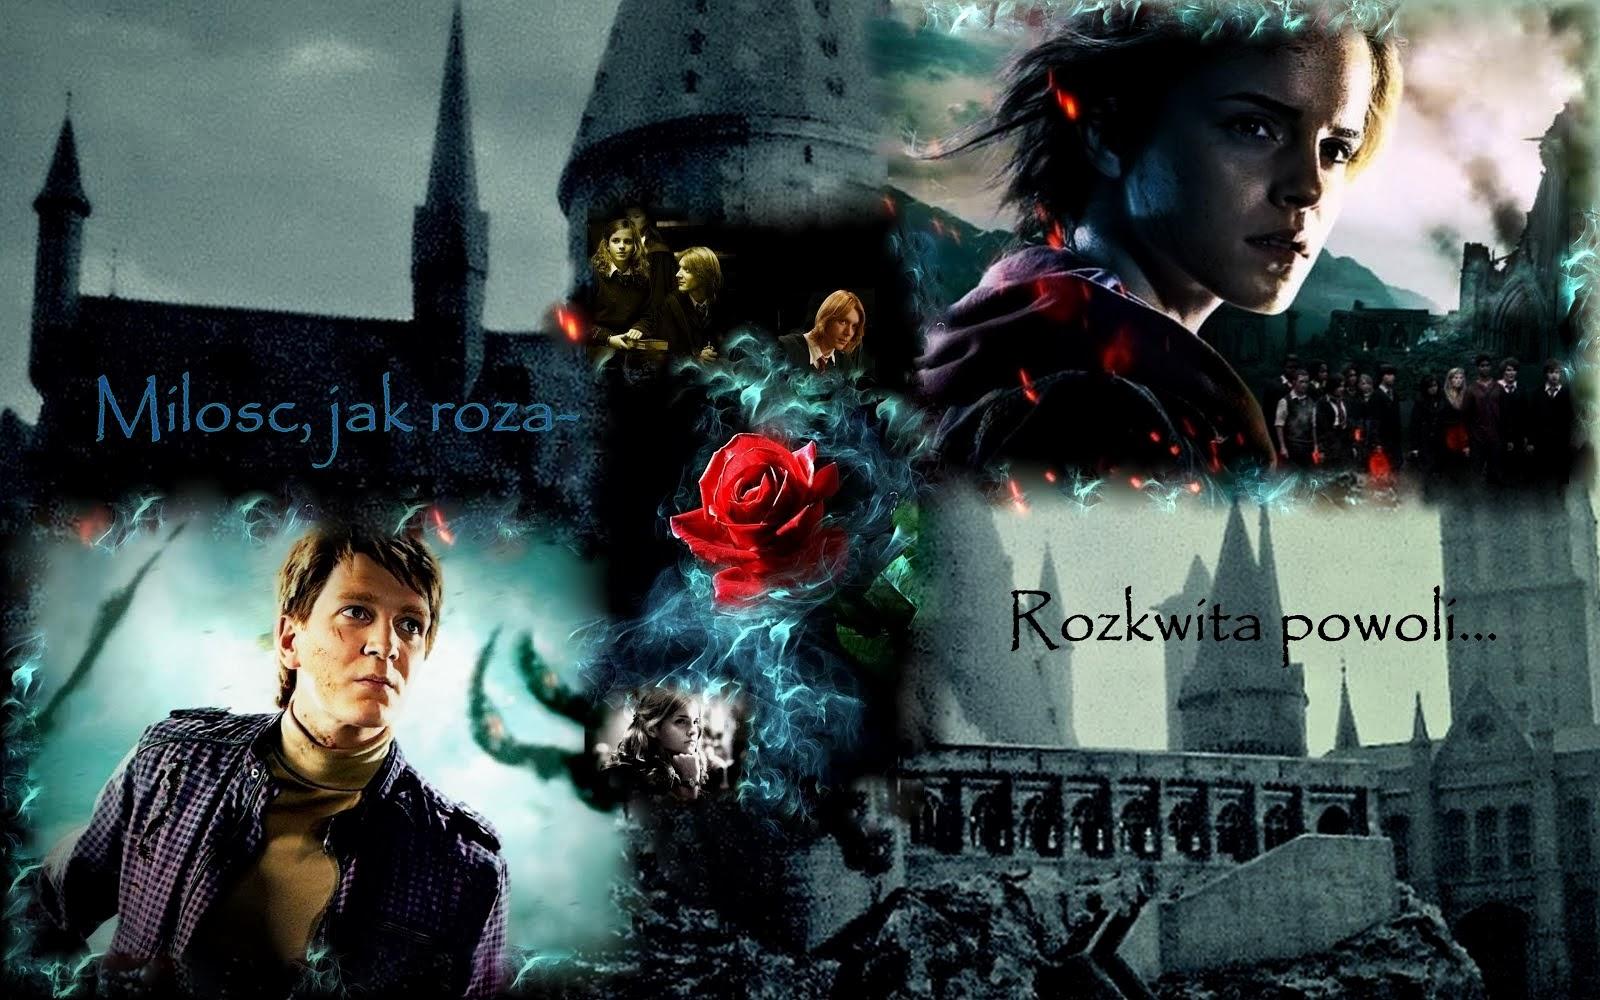 Miłość jak róża ~ rozkwita powoli...